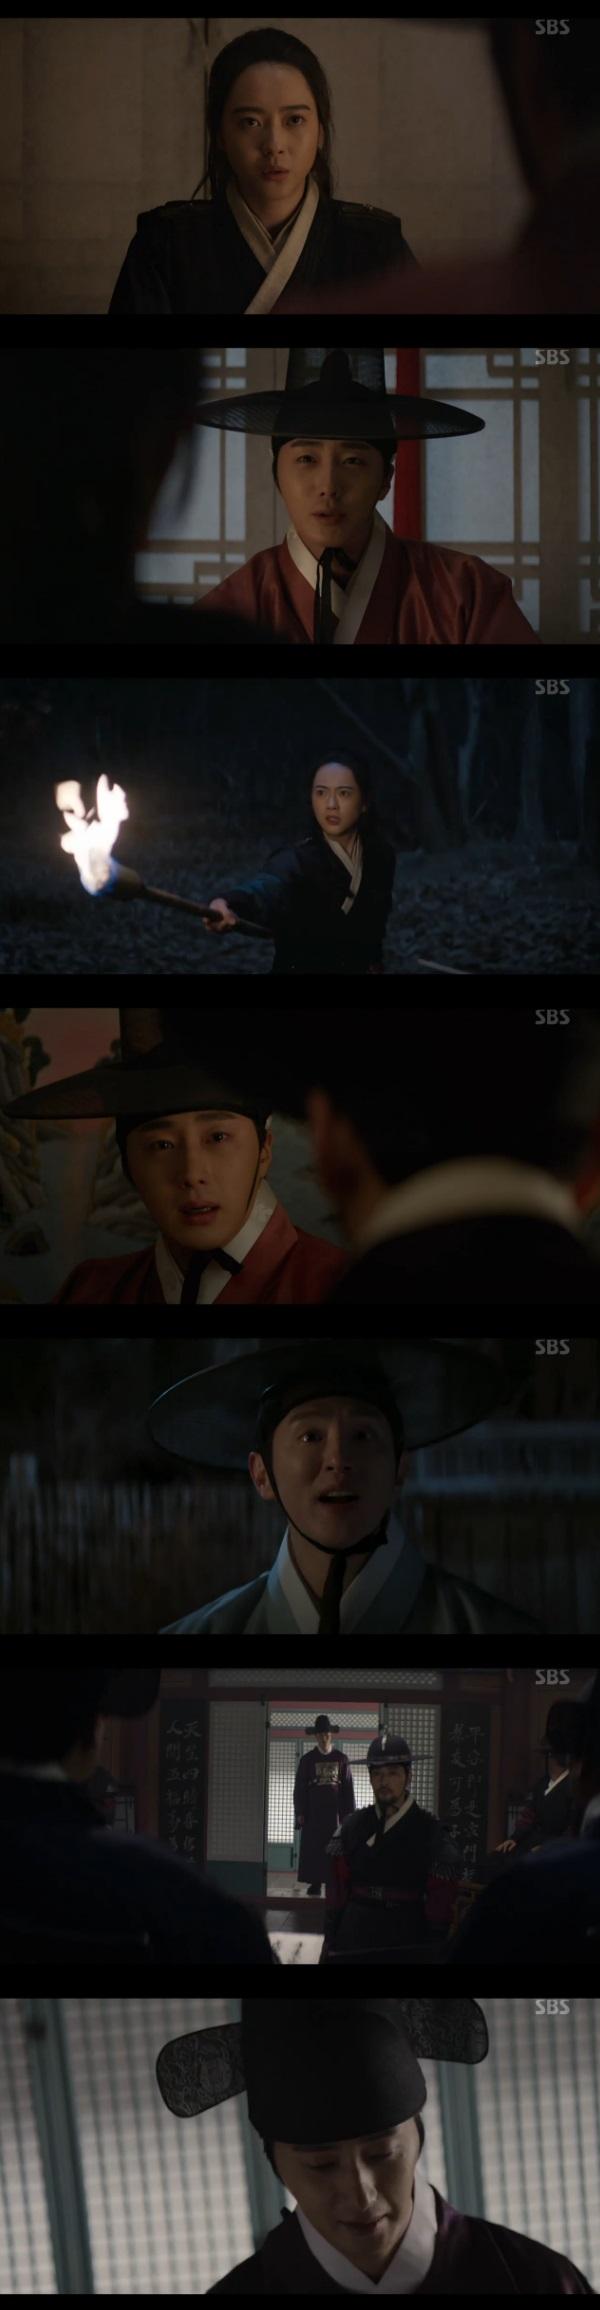 [종합] '해치' 정일우, 김갑수 회유 끝에 올바른 길 선택.. 본격 정...